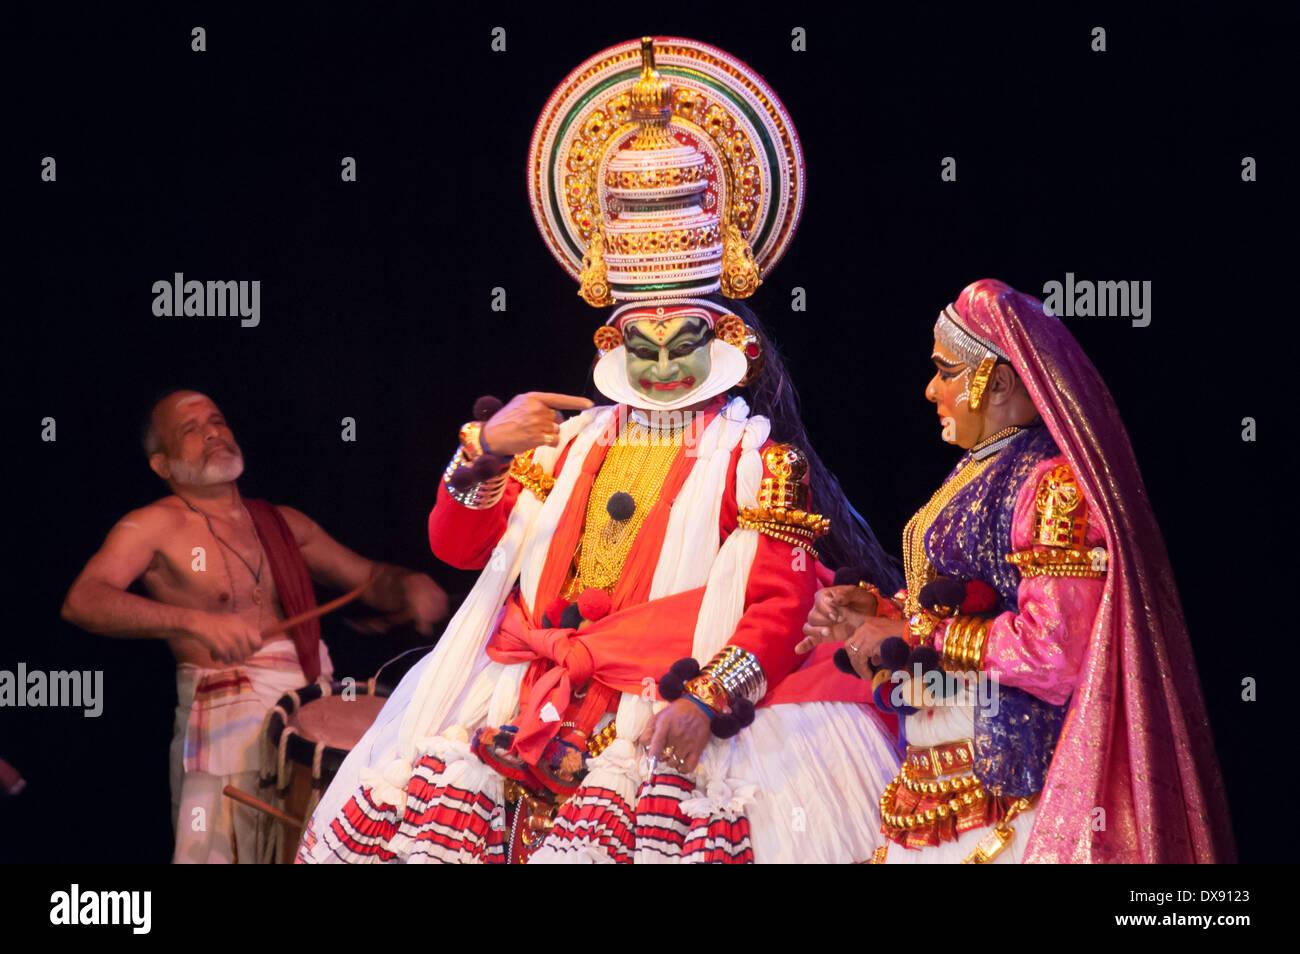 Kathakali Dance Stock Photos & Kathakali Dance Stock Images